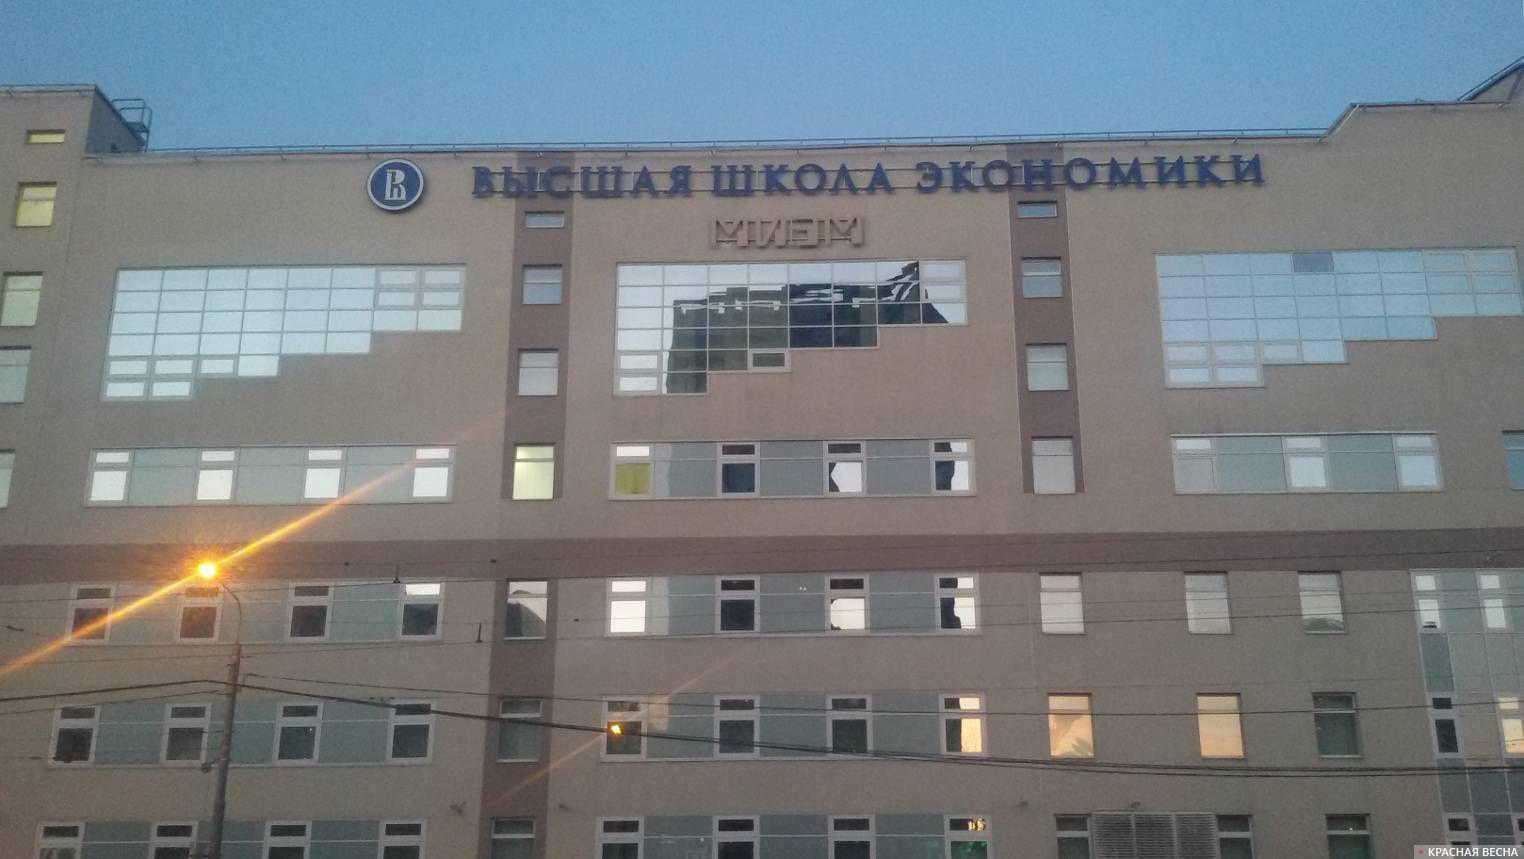 Высшая школа экономики. Москва